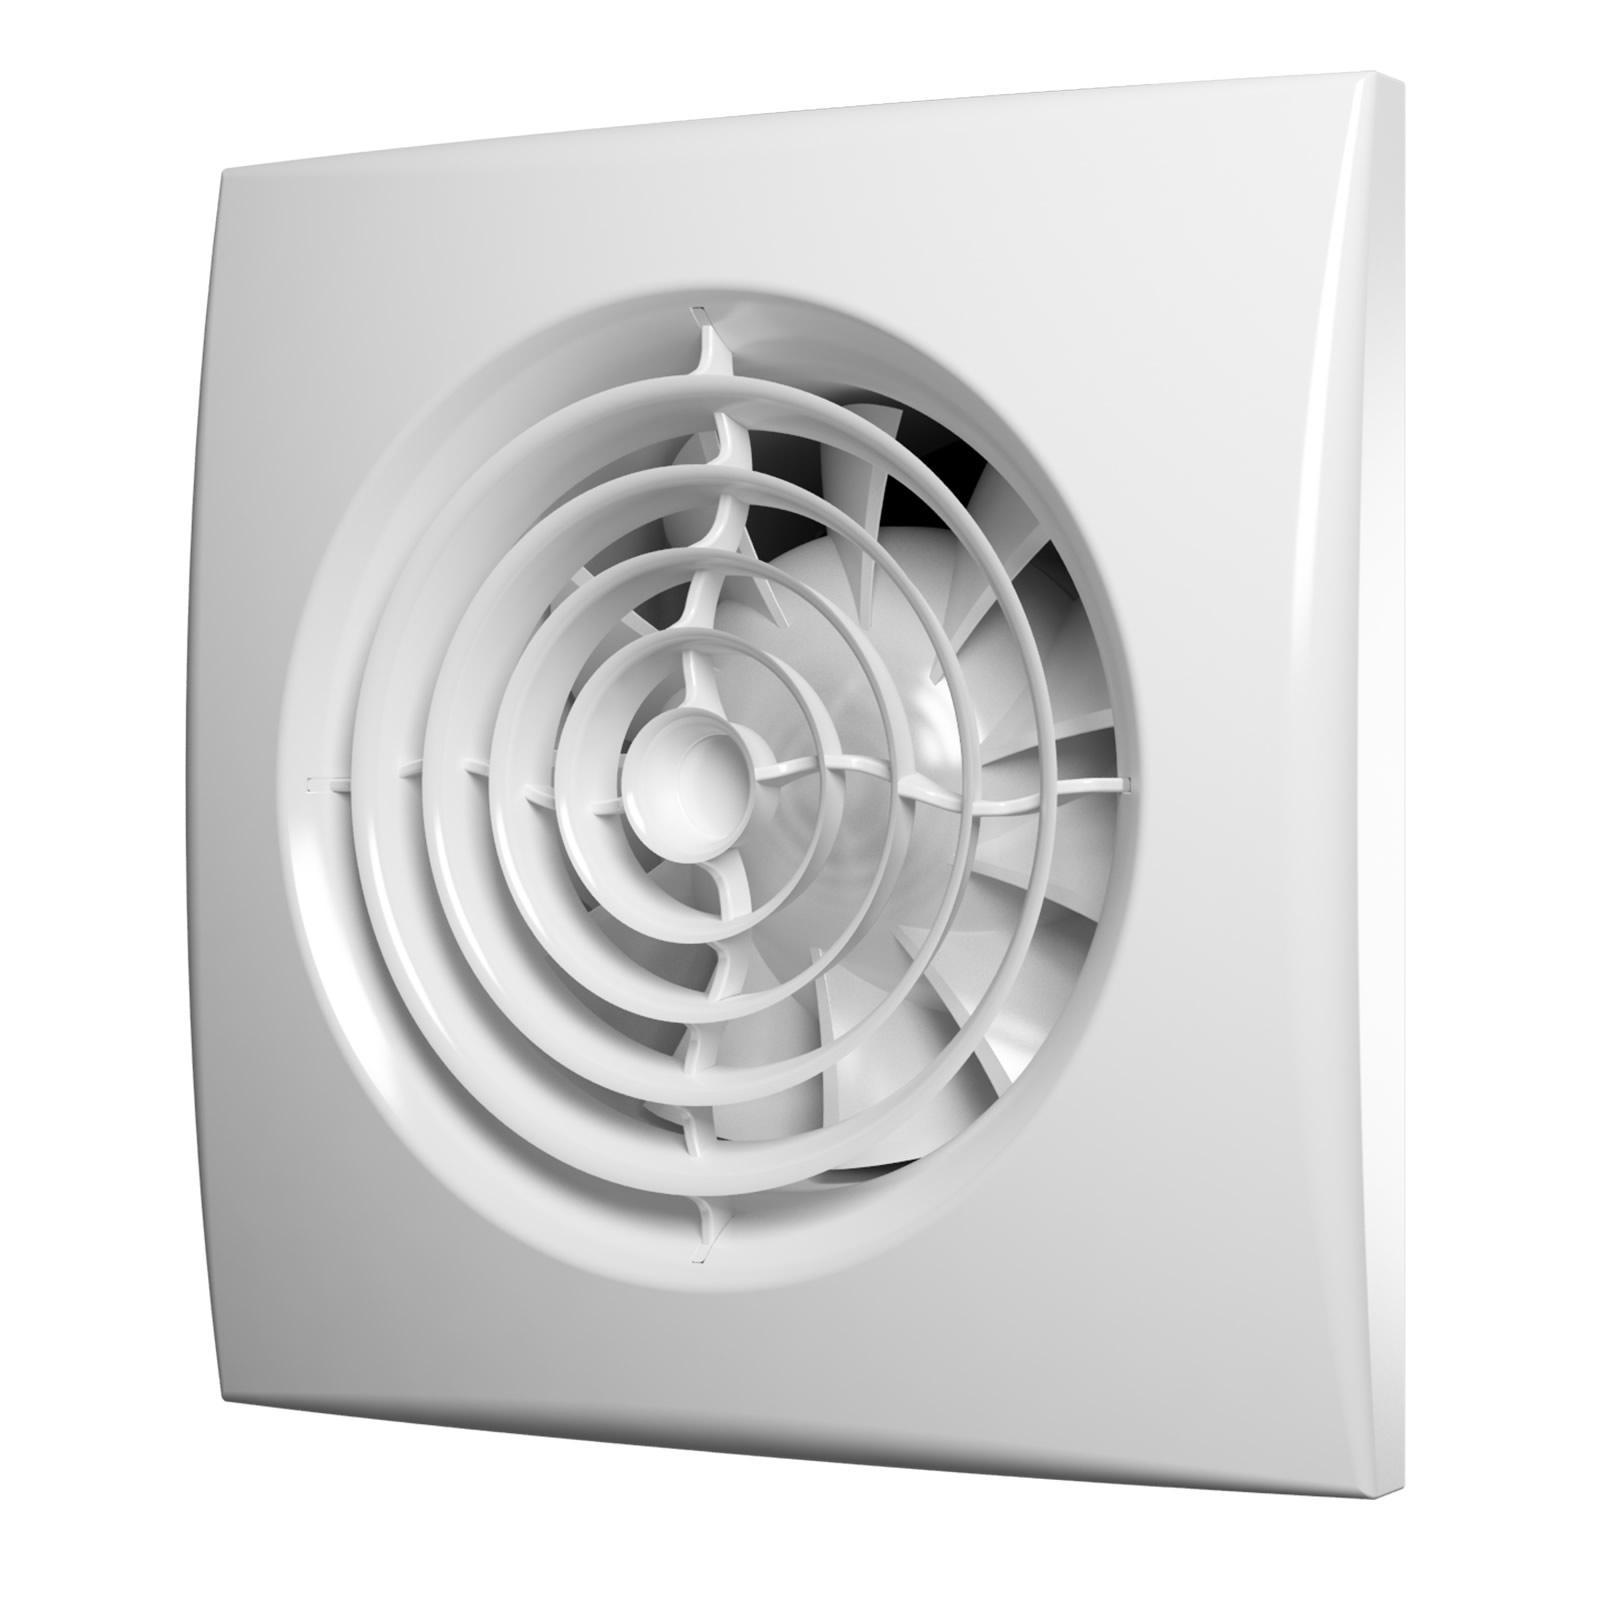 Вентилятор Diciti Aura 5c mr